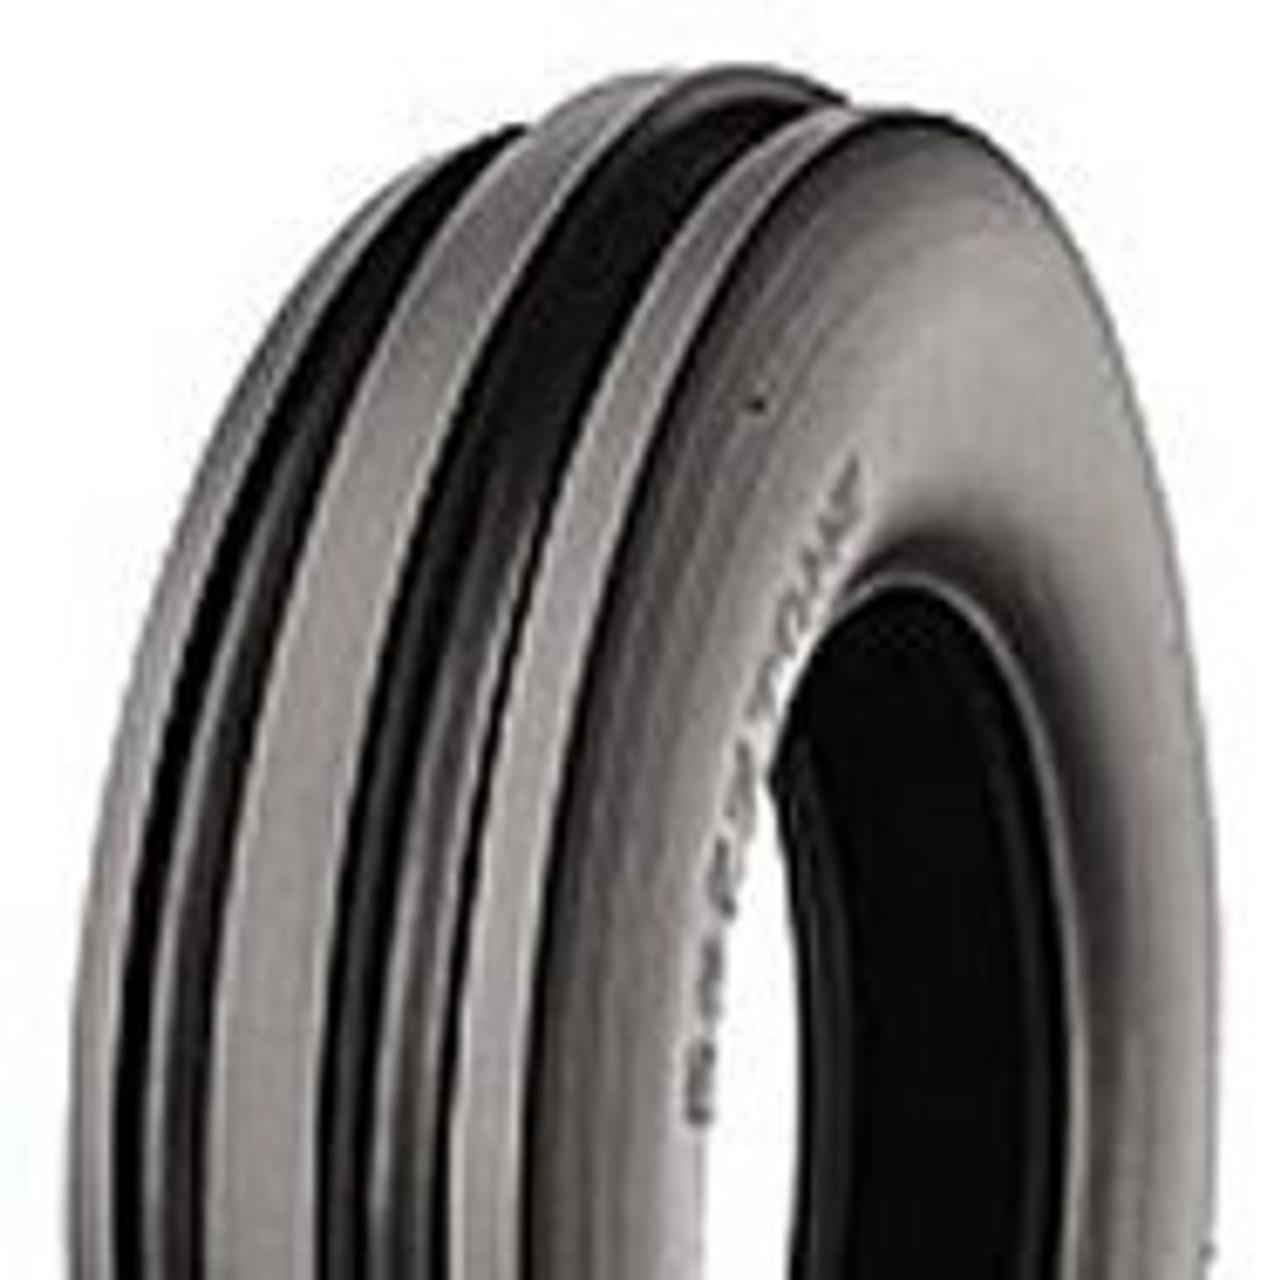 New Deestone Triple Rib Front Tractor Tire 500X15 5.00X15 500-15